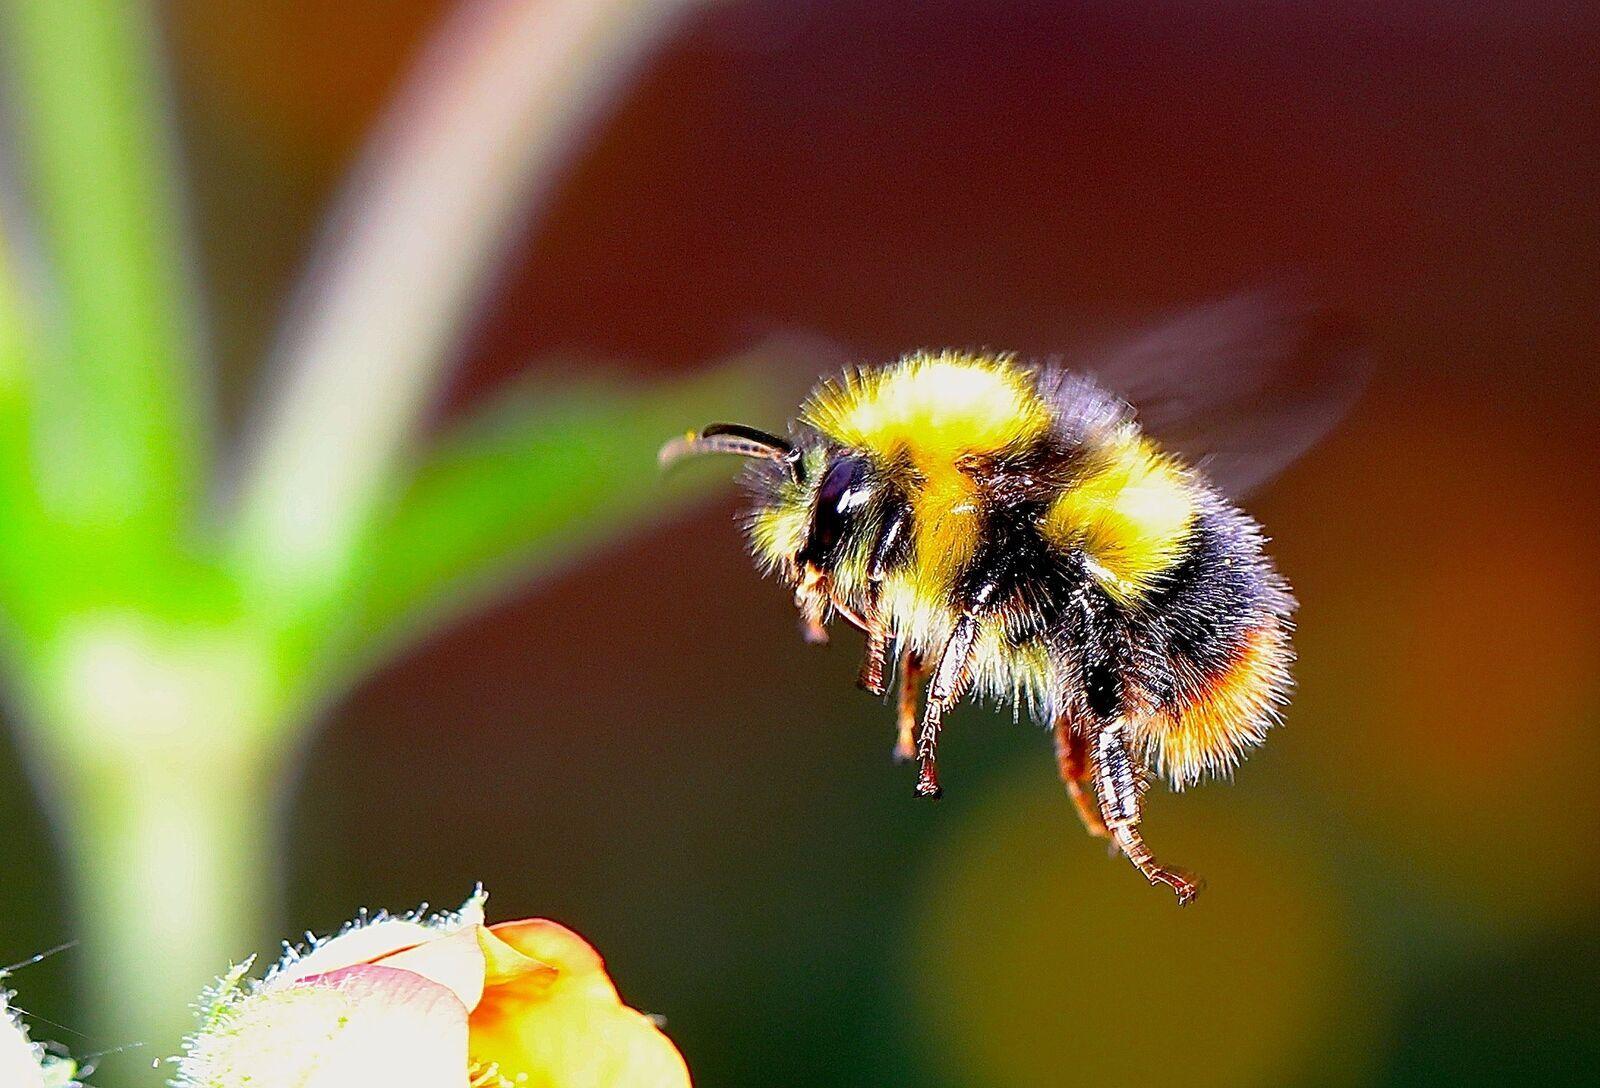 mezei méh és magas vérnyomás prediktális mv magas vérnyomás esetén